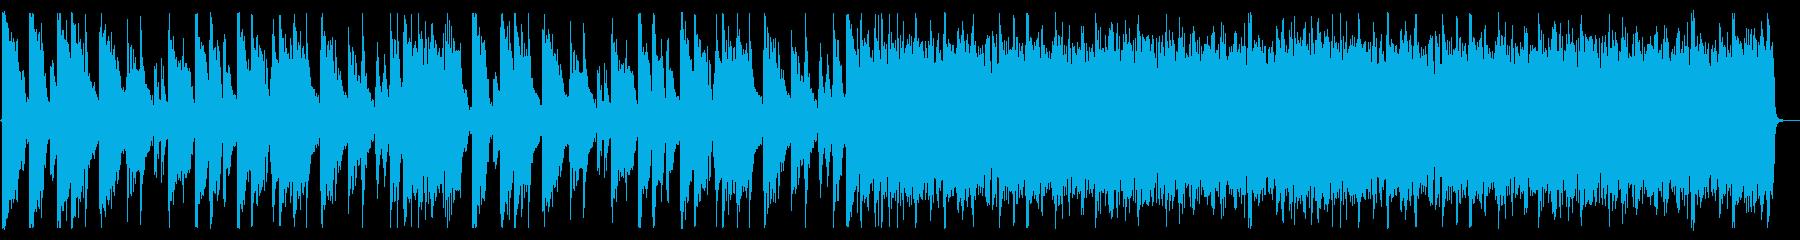 重厚/シンプル/ロック_No600_2の再生済みの波形